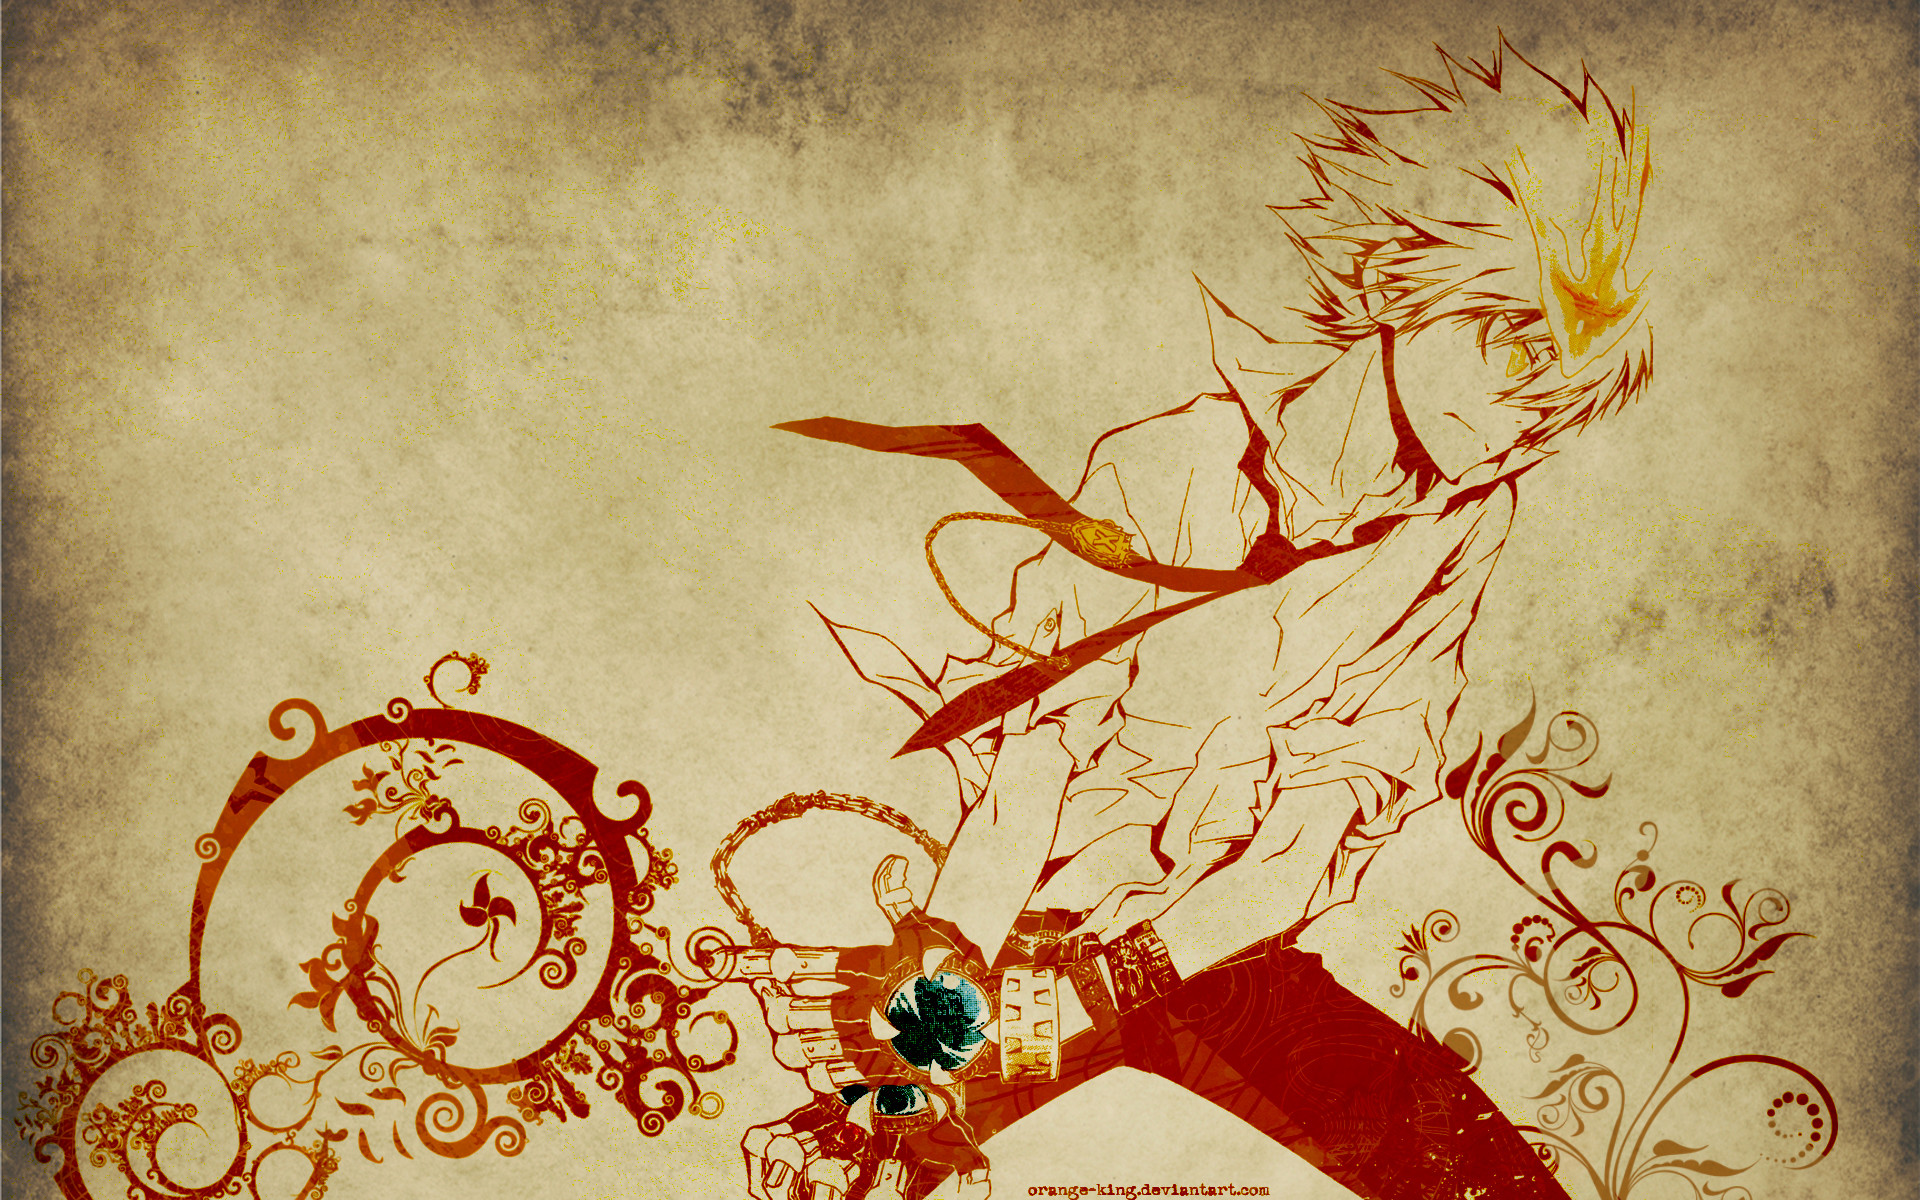 153 Katekyō Hitman Reborn! HD Wallpapers   Backgrounds – Wallpaper Abyss